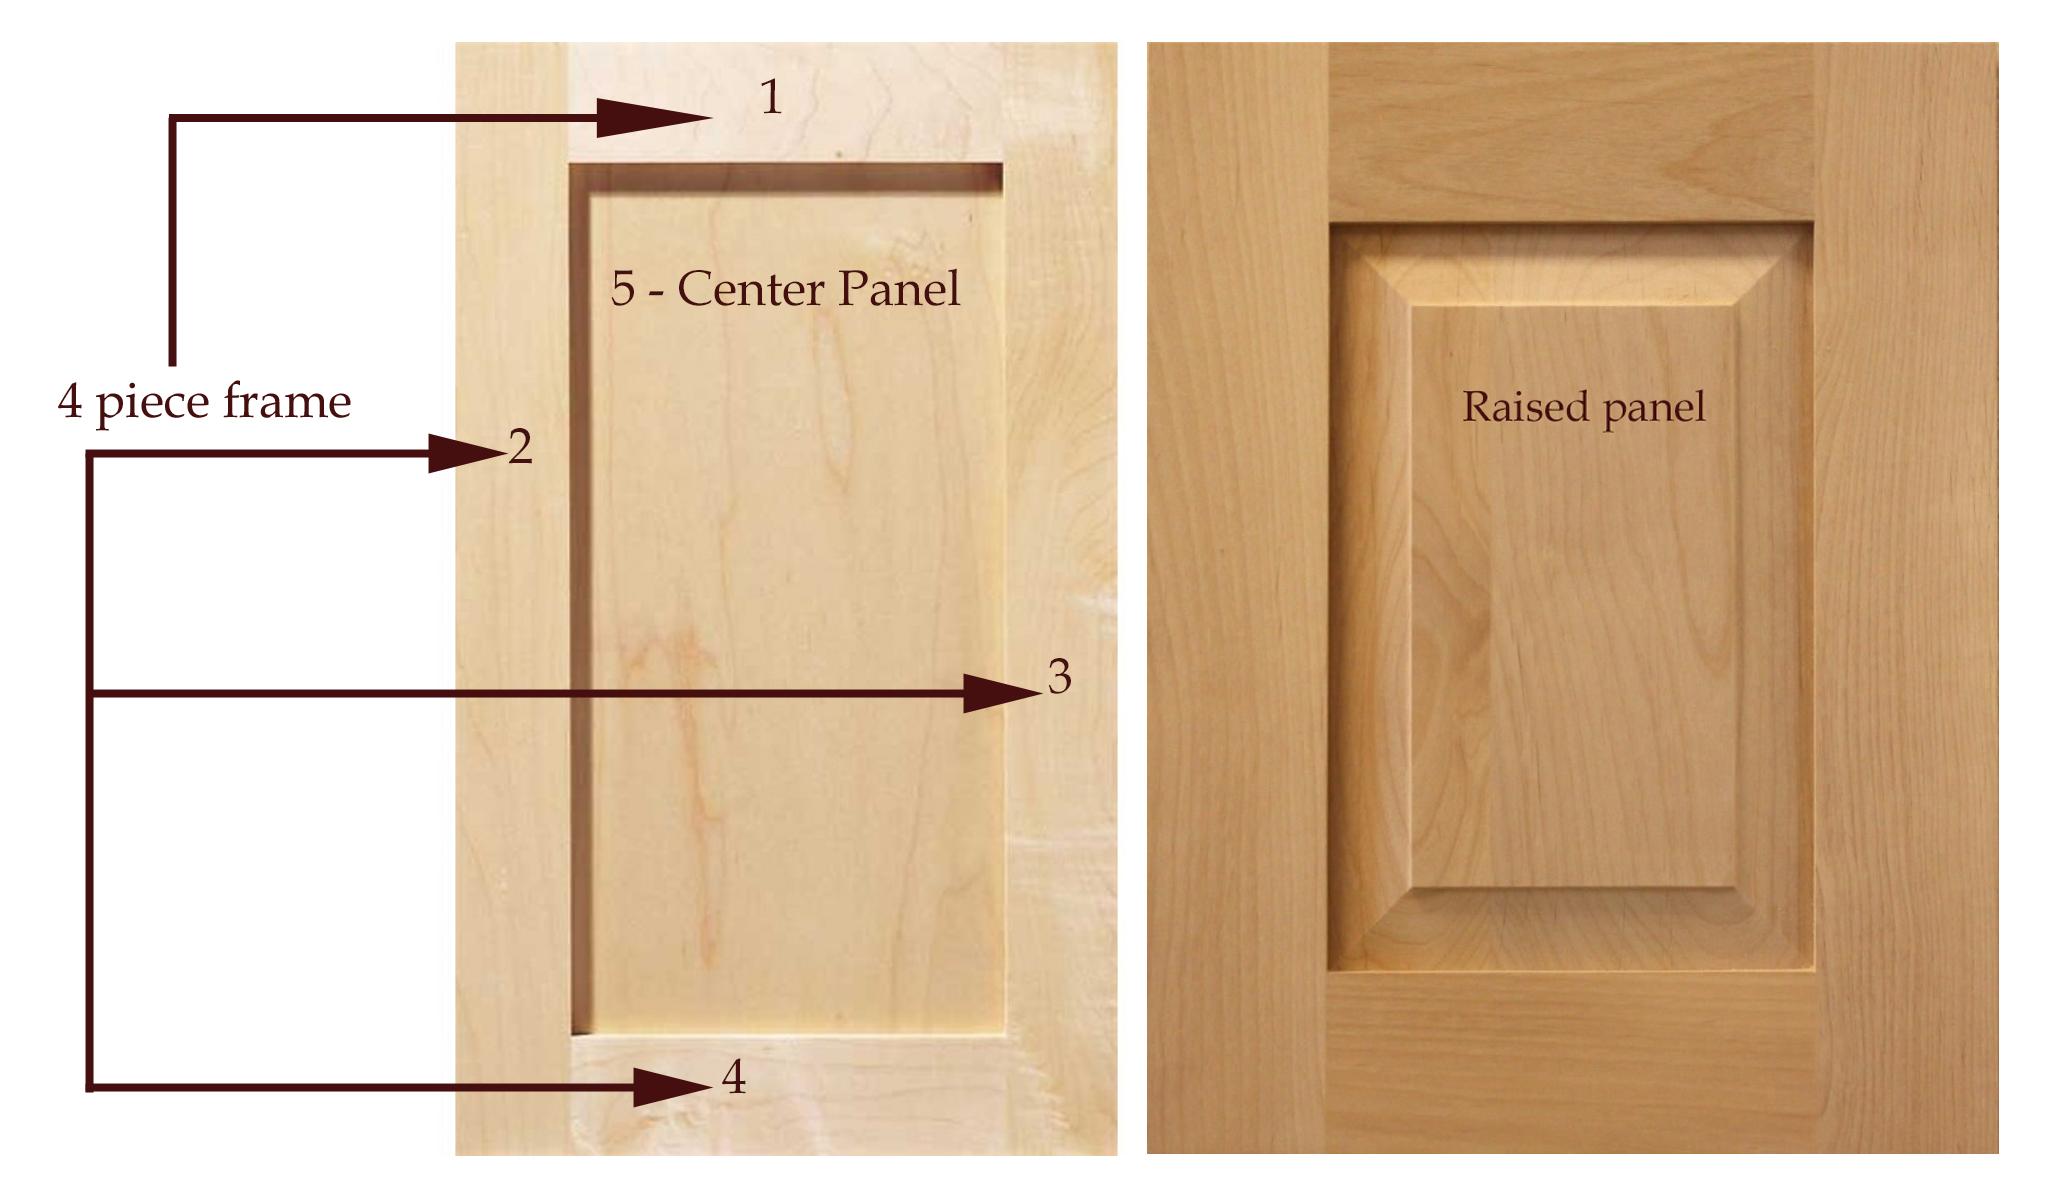 2 Doors with labels.jpg